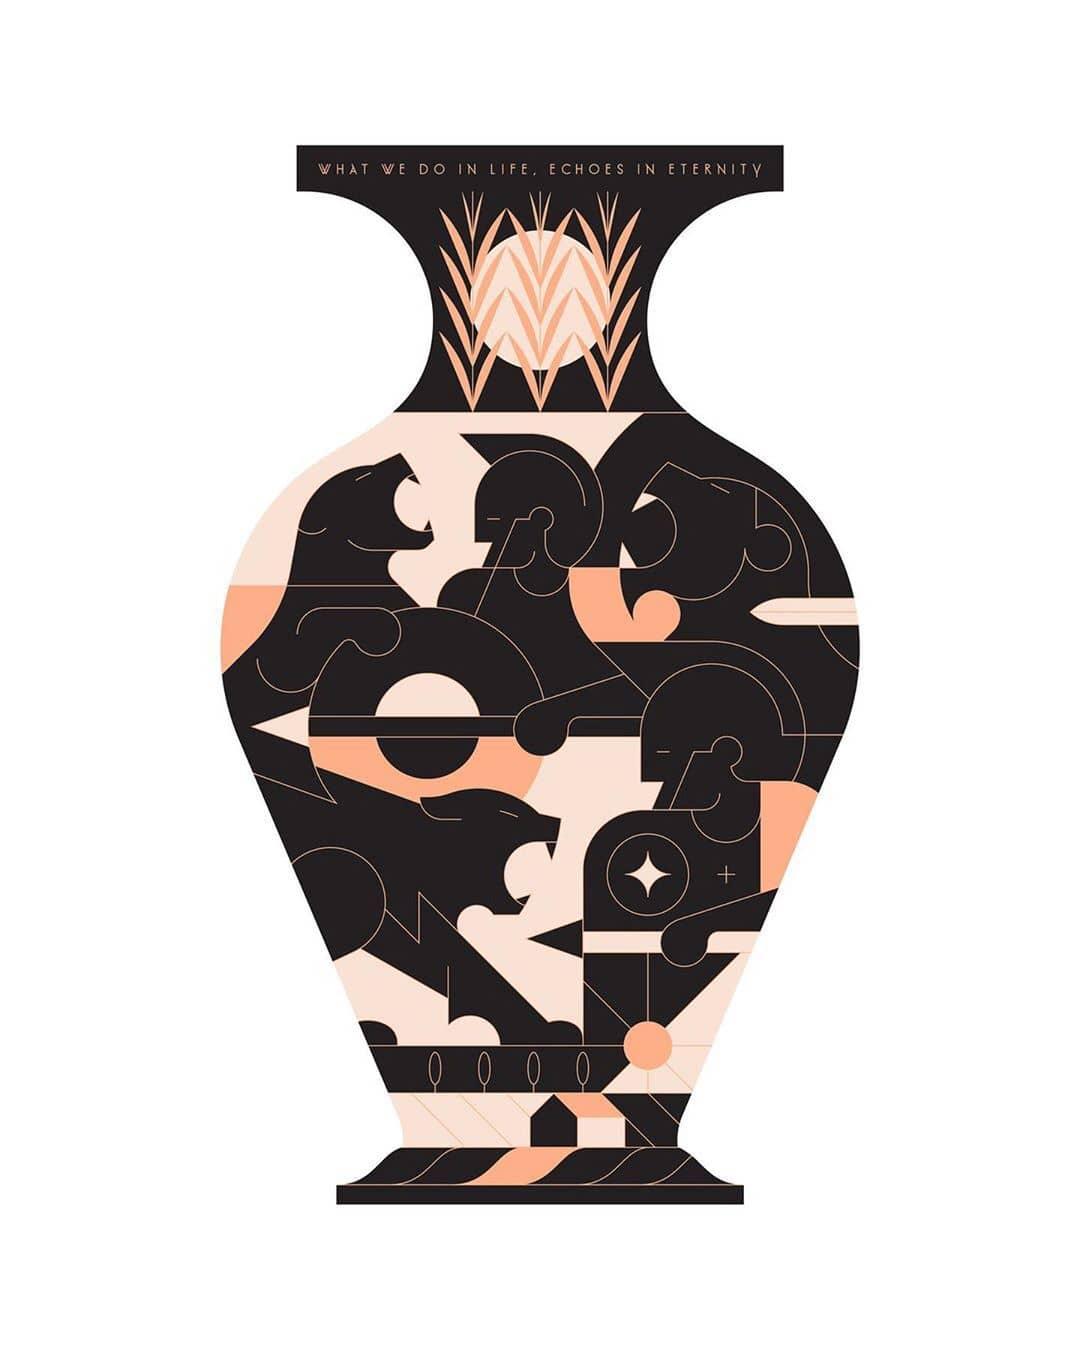 jarron griego en ilustracion de Calvin sprague